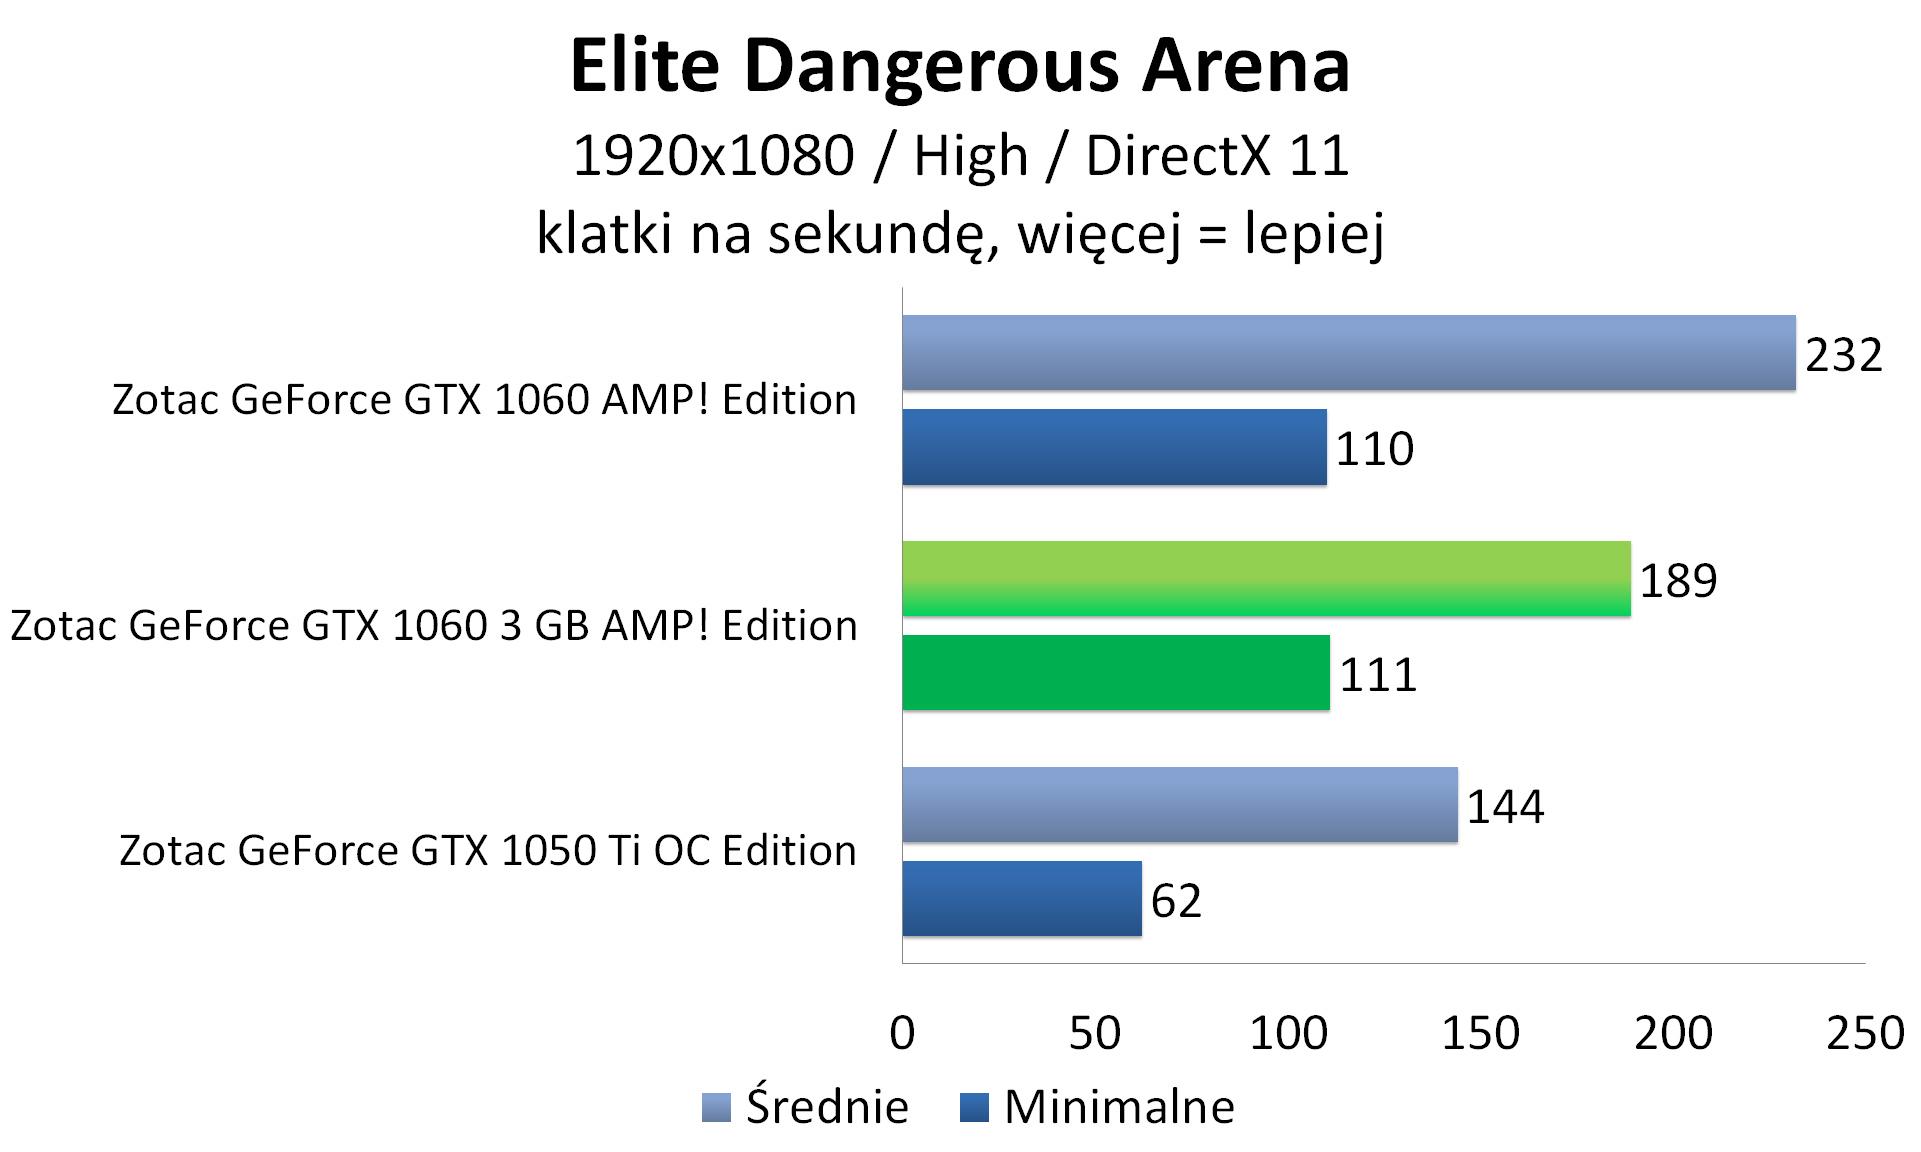 Zotac GeForce GTX 1060 3GB AMP! Edition - młodsza wersja GTX